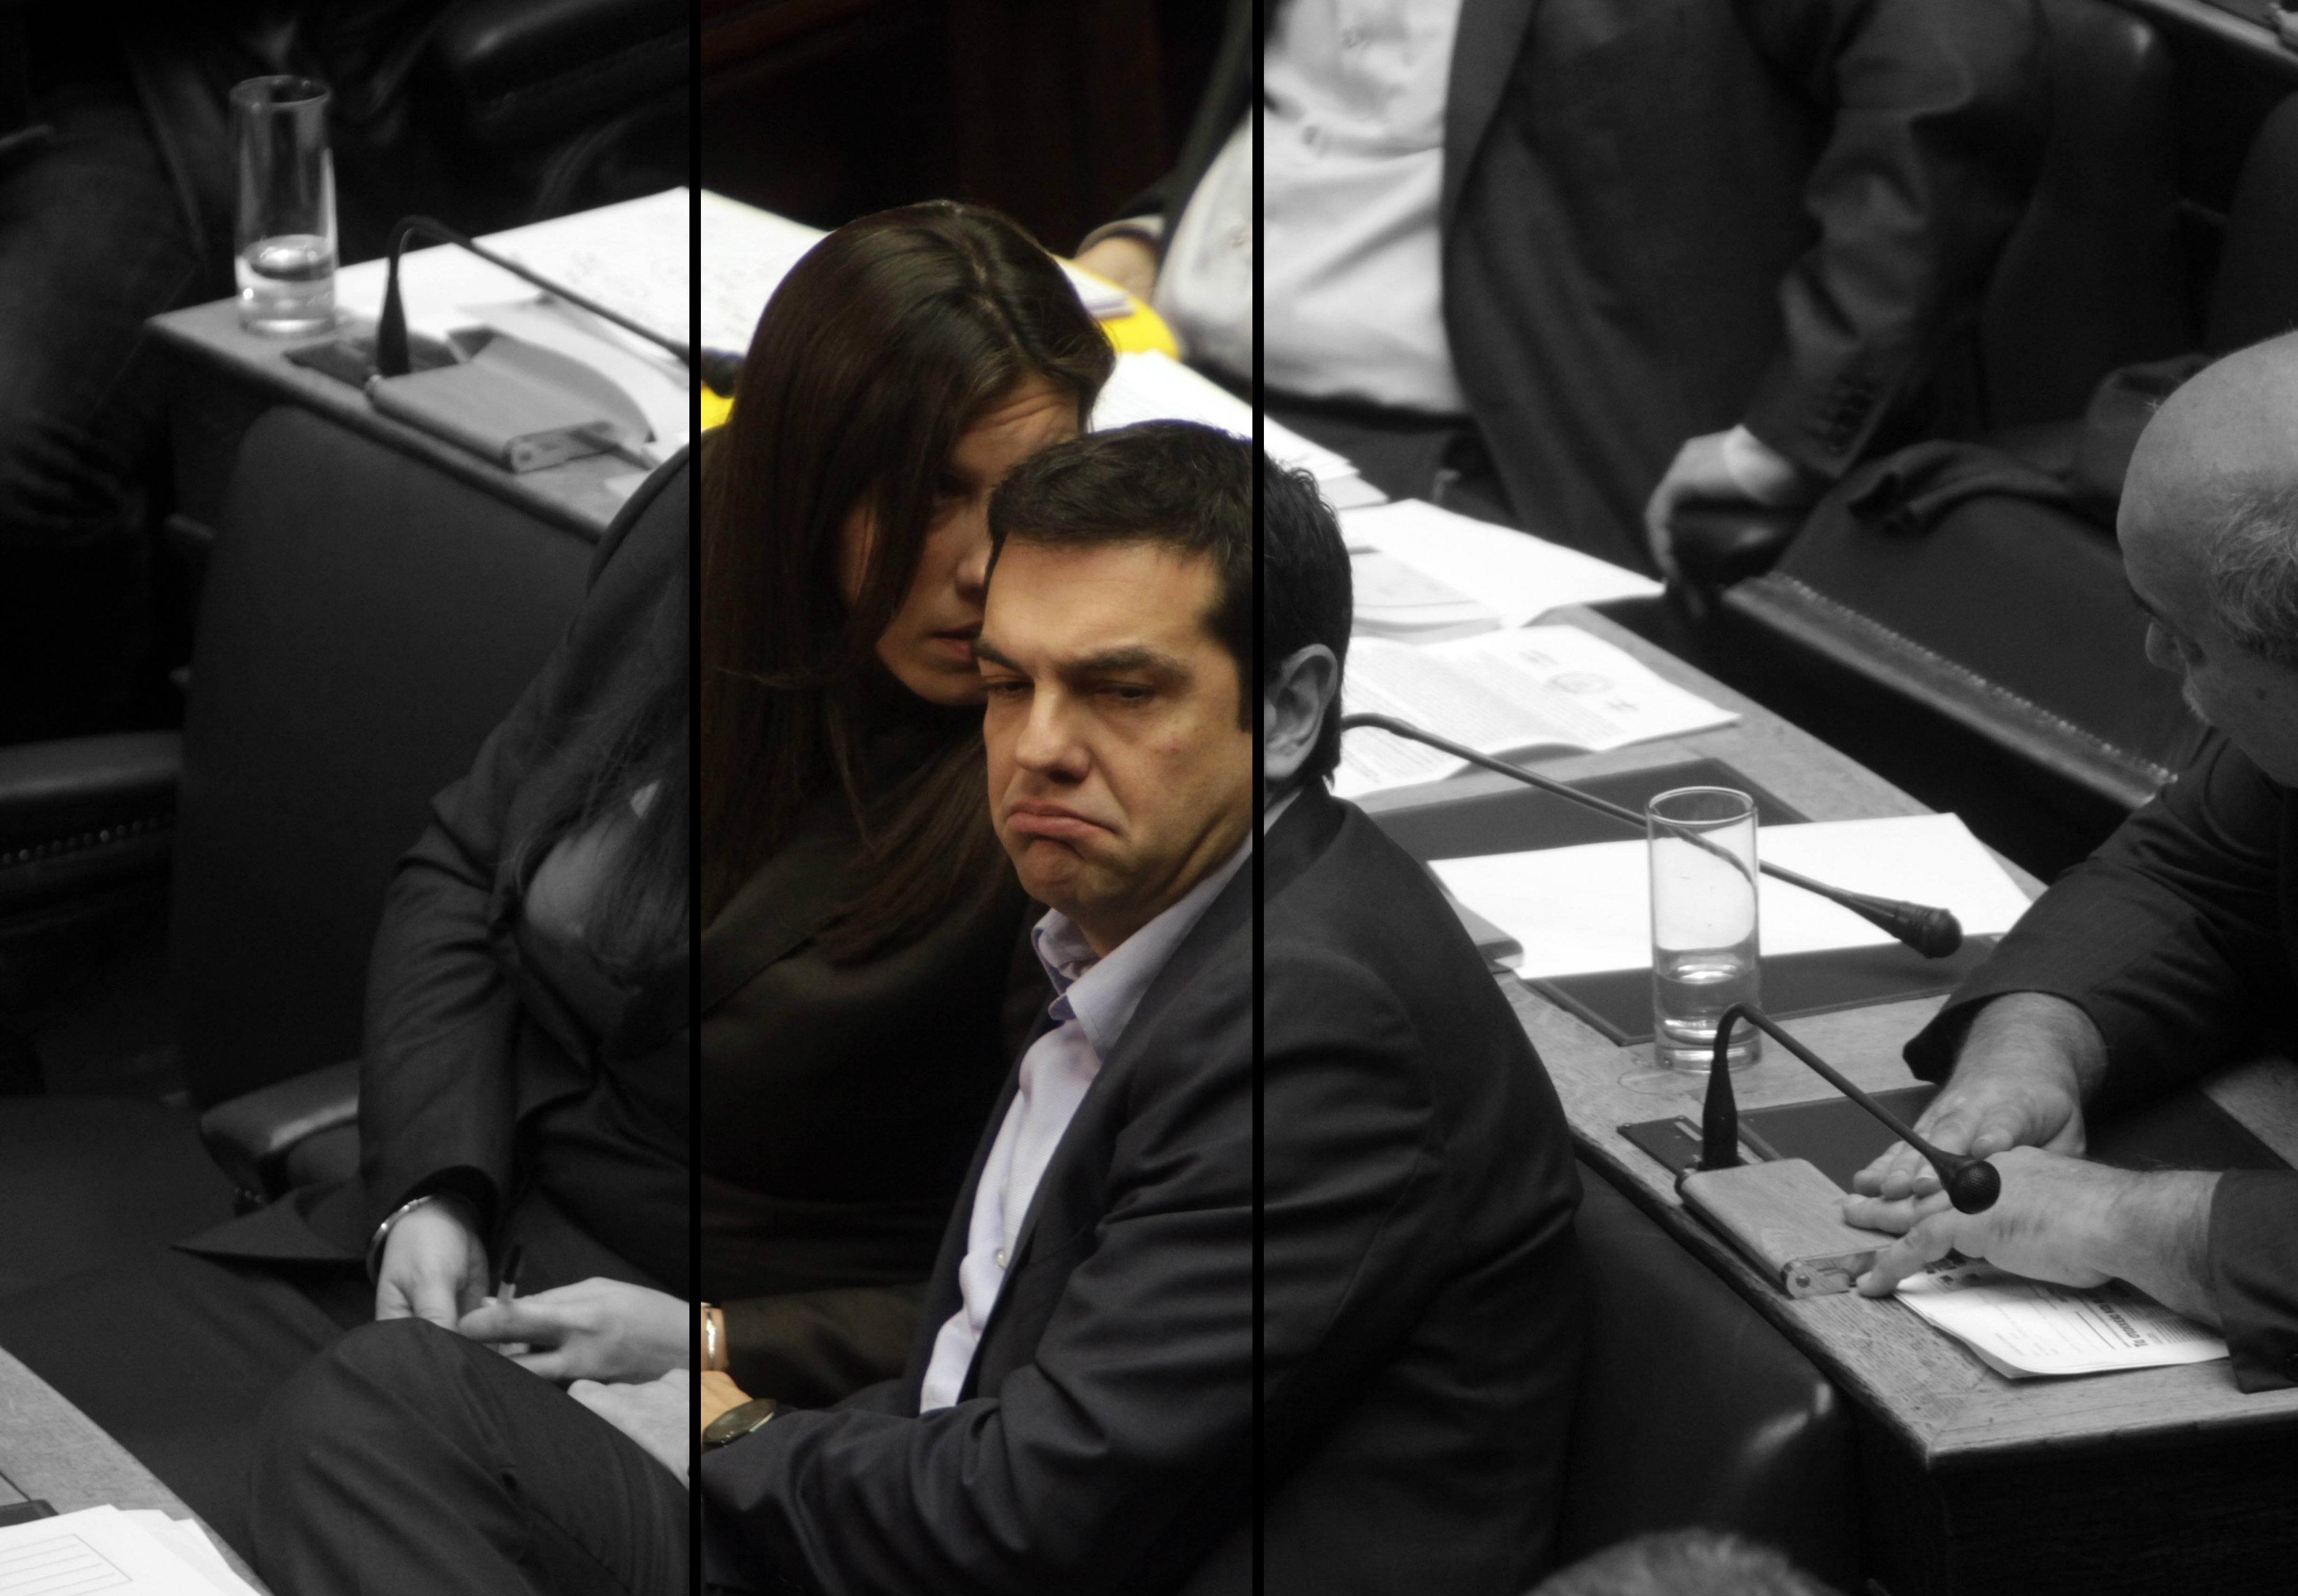 """Ζωή Κωνσταντοπούλου: Έκανε πάλι το θαύμα της! Νέο """"μπλόκο"""" στην ψήφιση της συμφωνίας παρά την προσπάθεια Τσίπρα να την… προλάβει – Τα τρία σενάρια"""